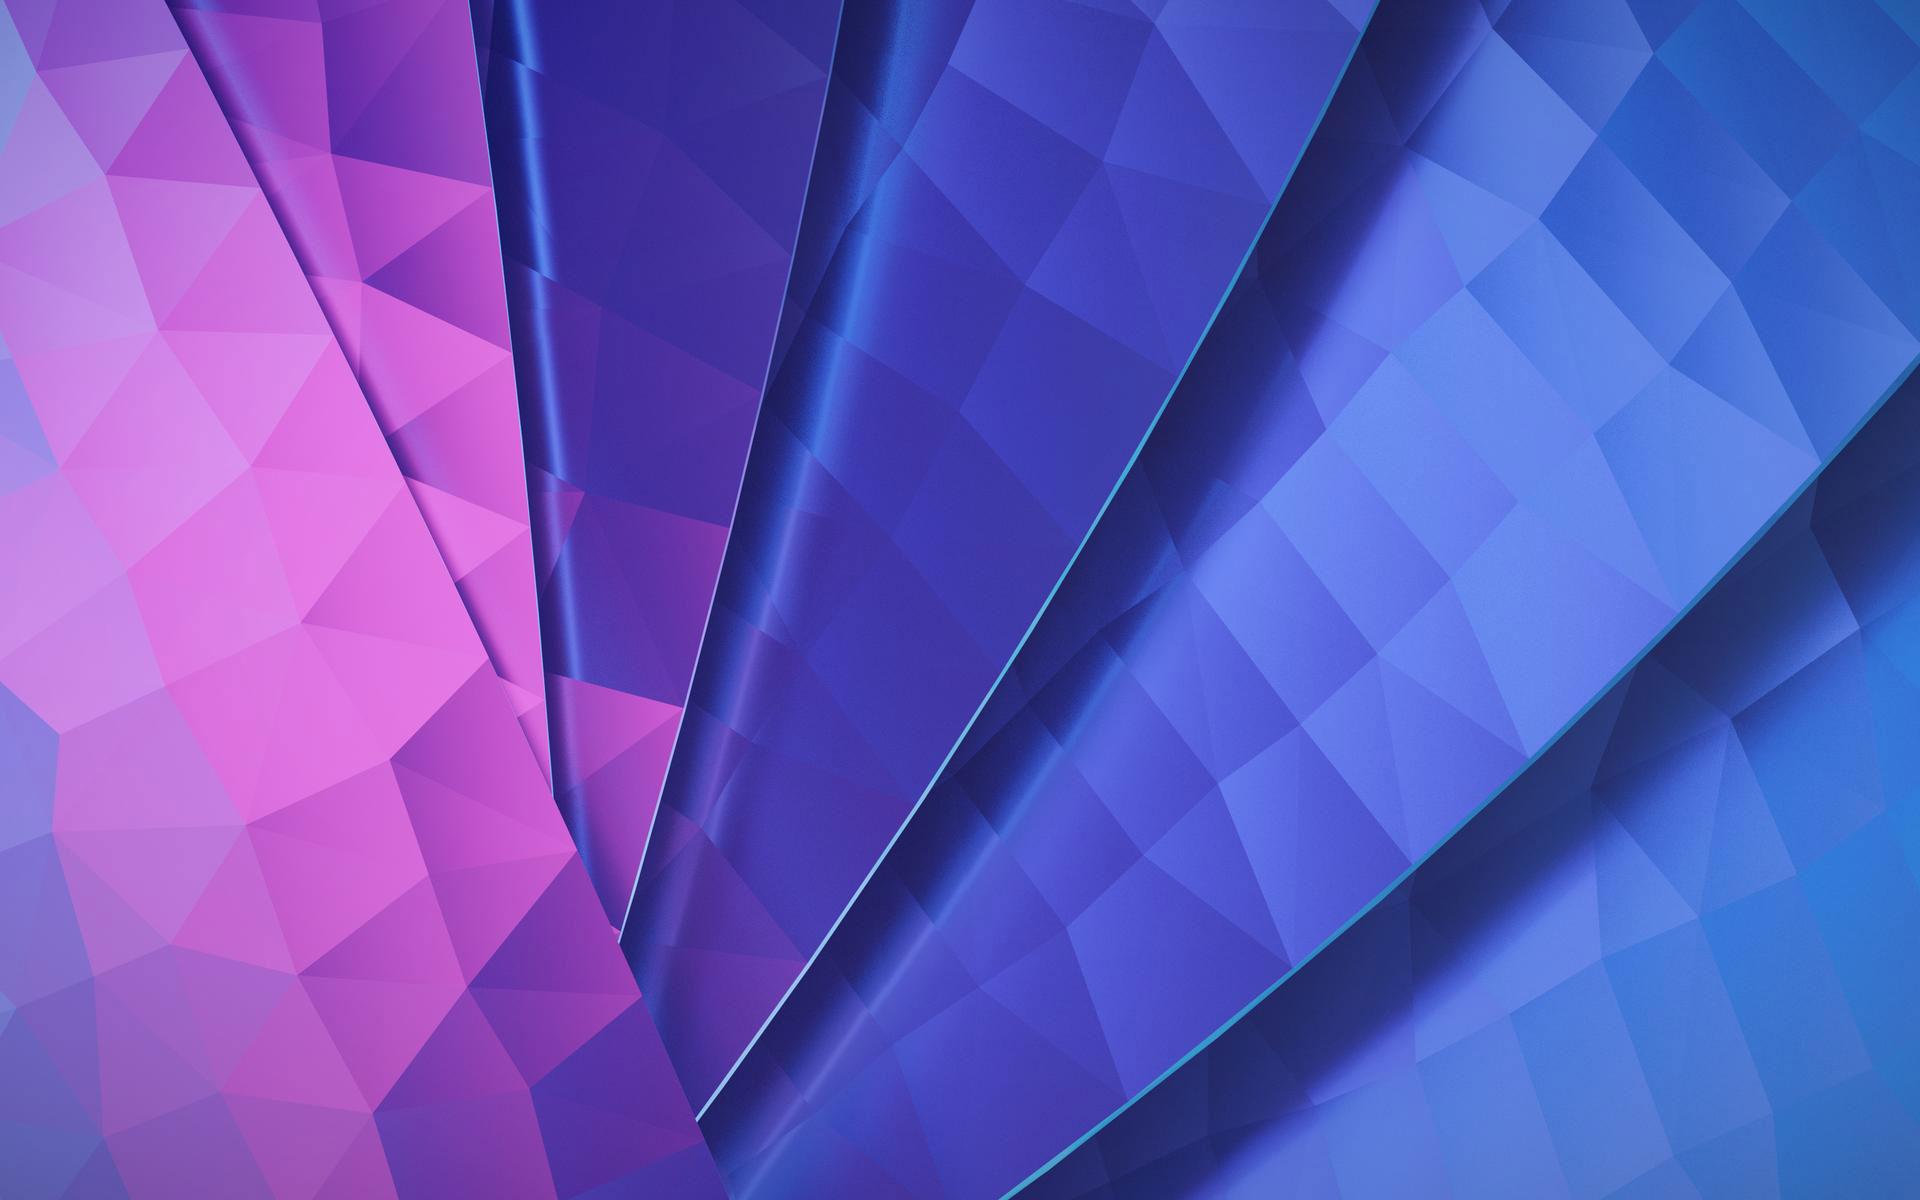 kde plasma 5.20 wallpaper